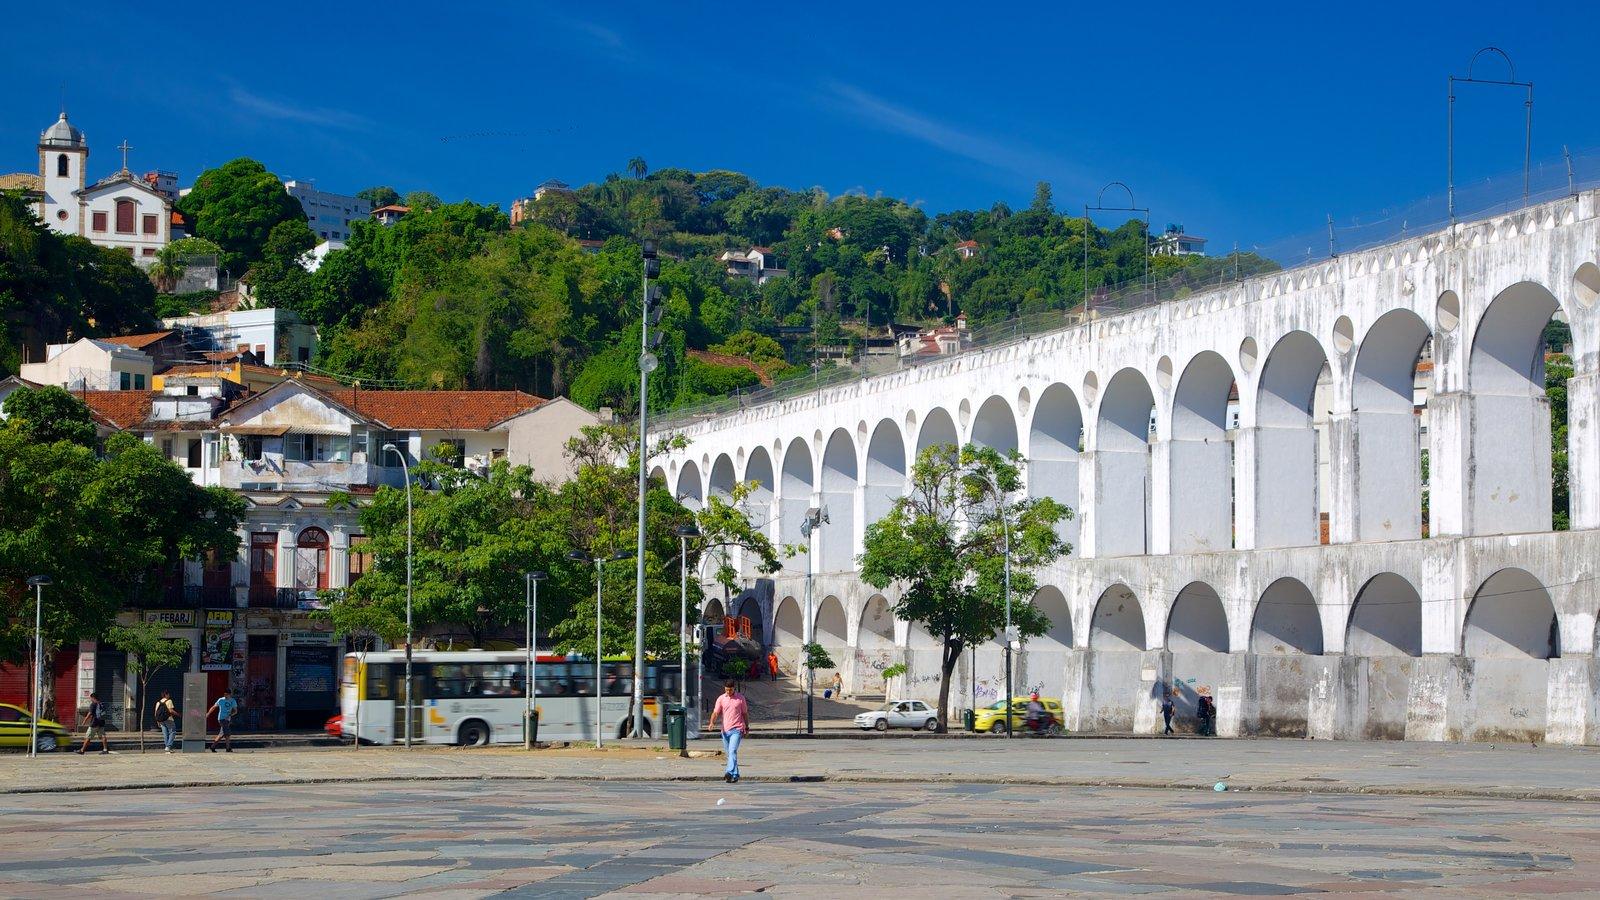 Lapa caracterizando arquitetura de patrimônio e uma praça ou plaza